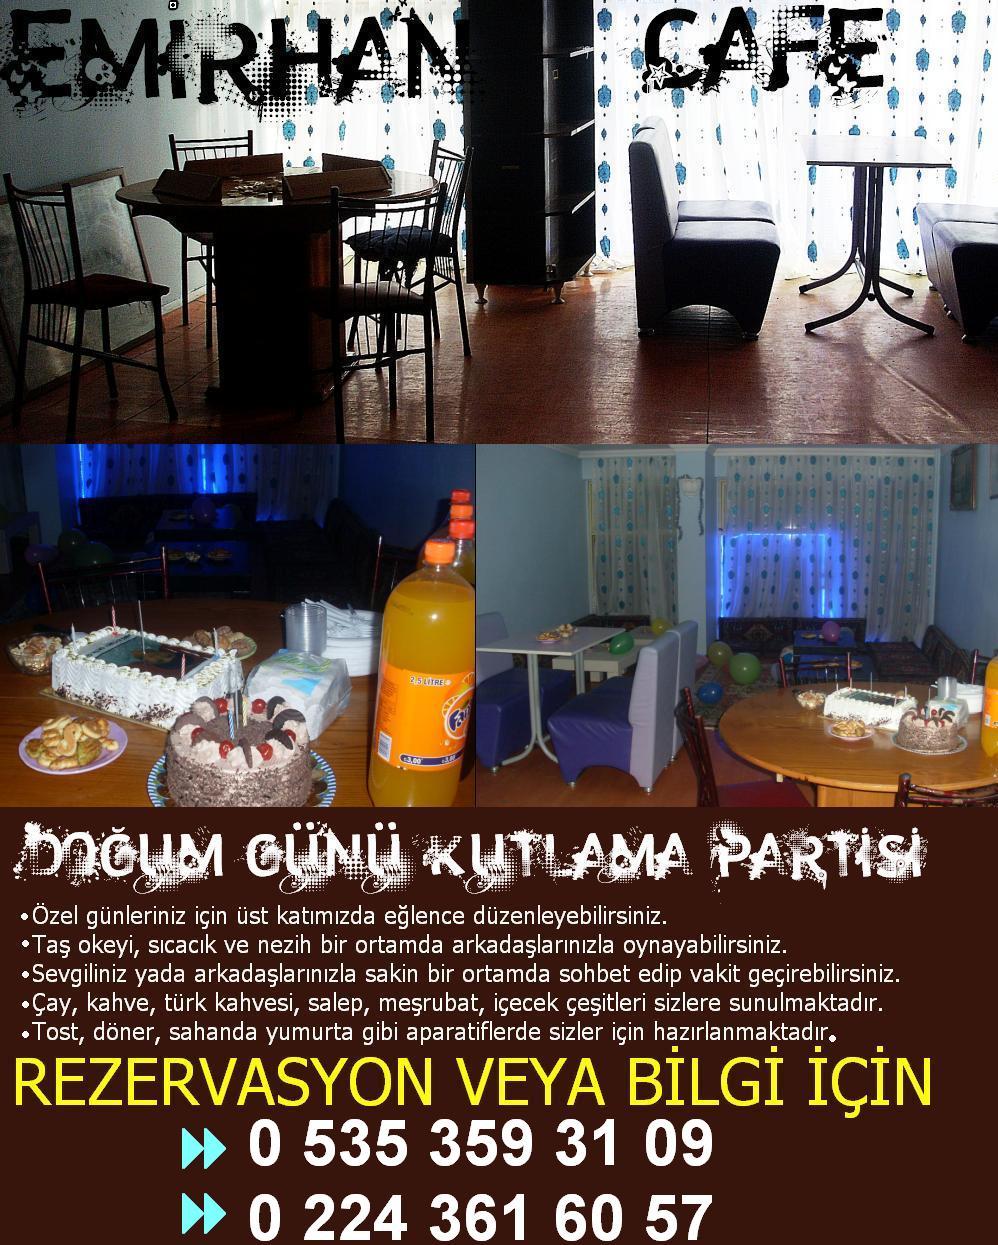 Emirhan Cafe